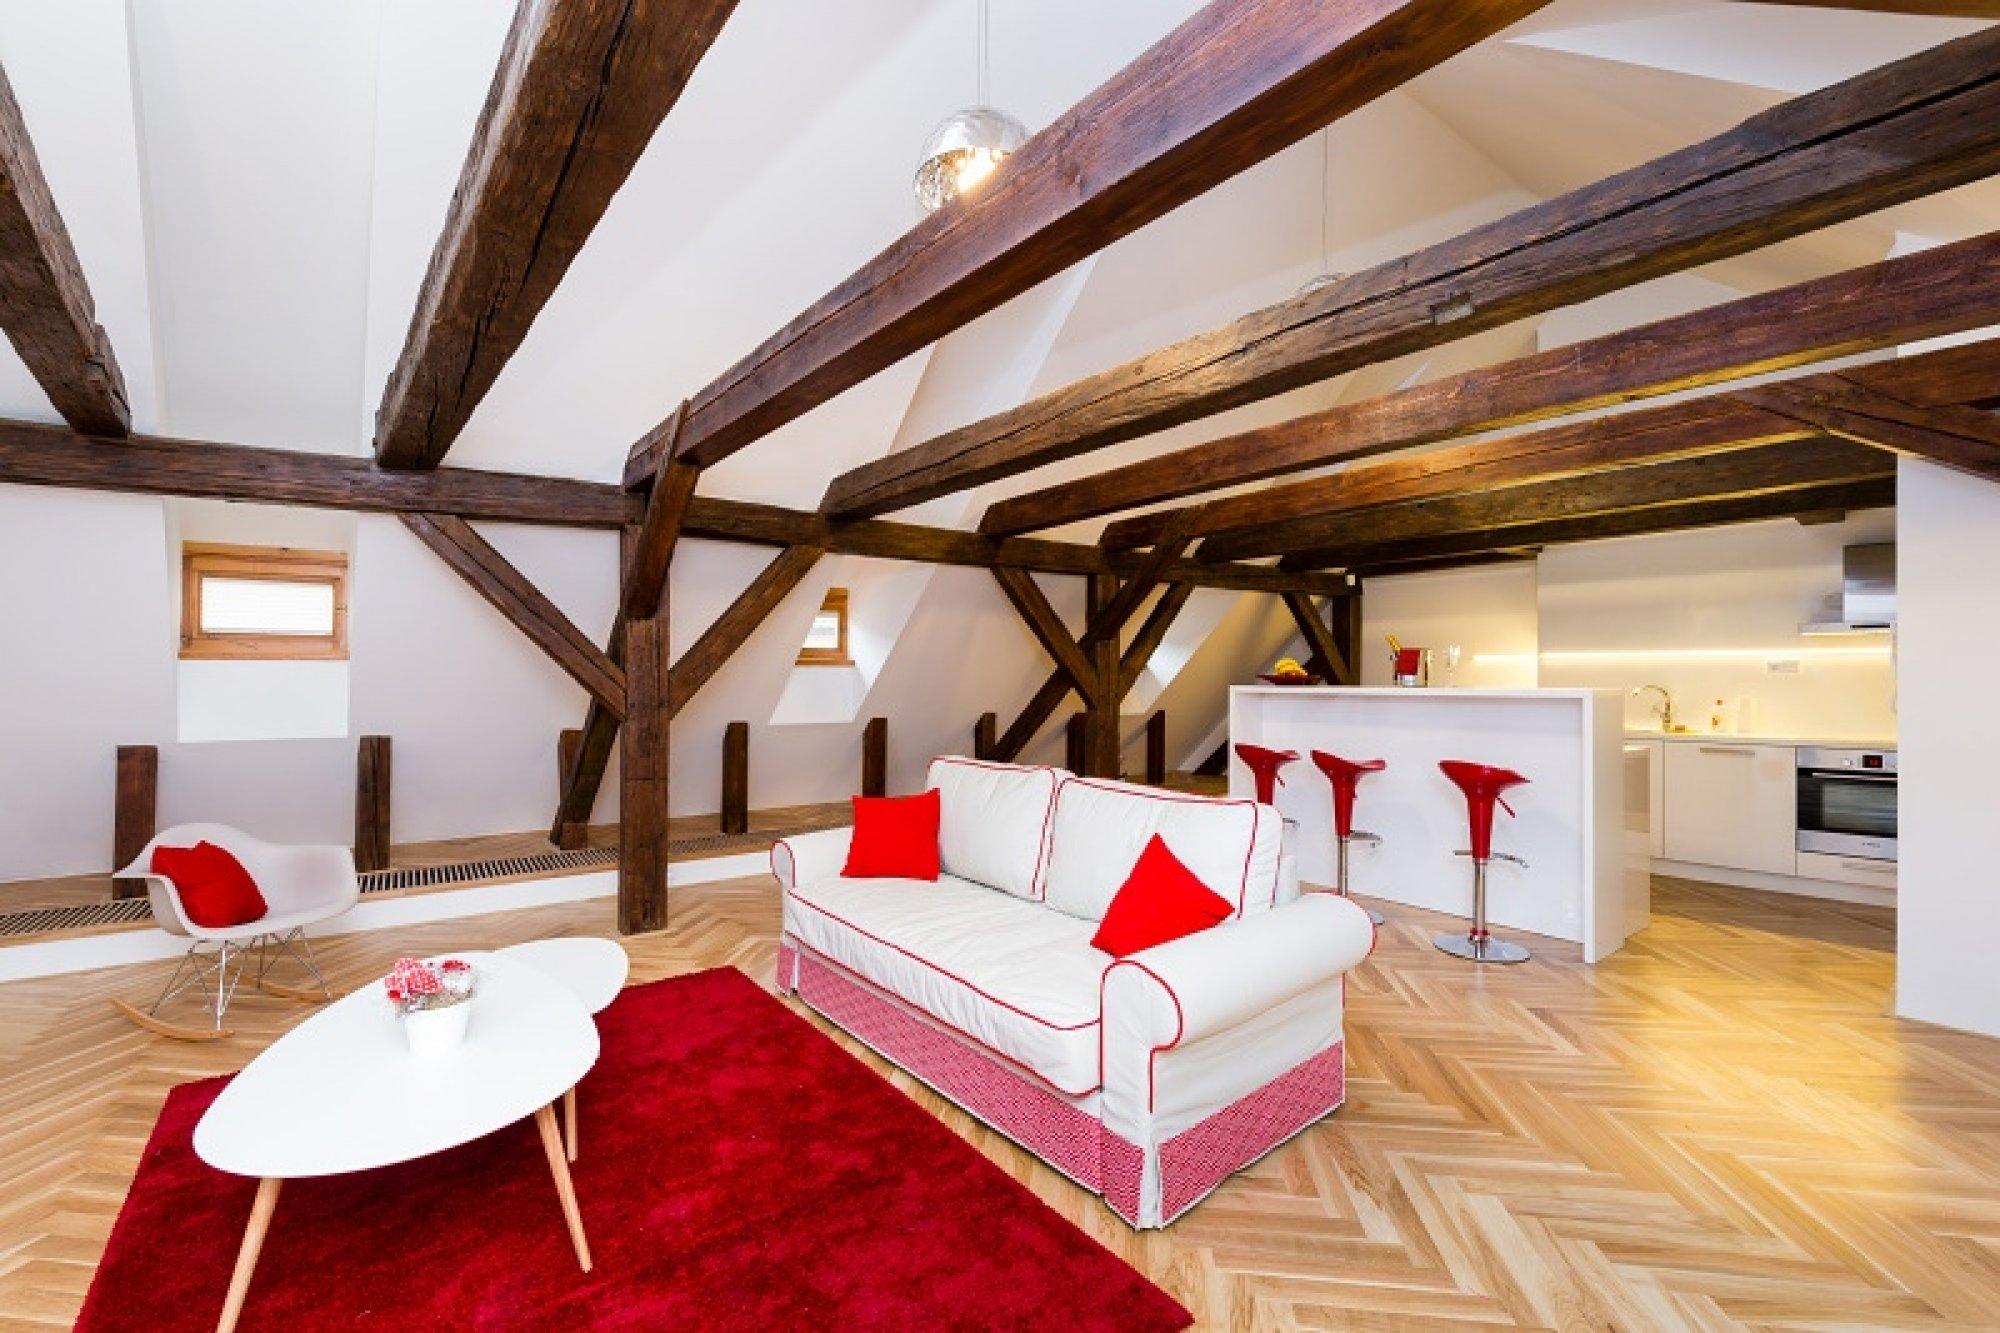 Půdní byt 2+kk, plocha 127 m², ulice Thunovská, Praha 1 - Malá Strana | 1